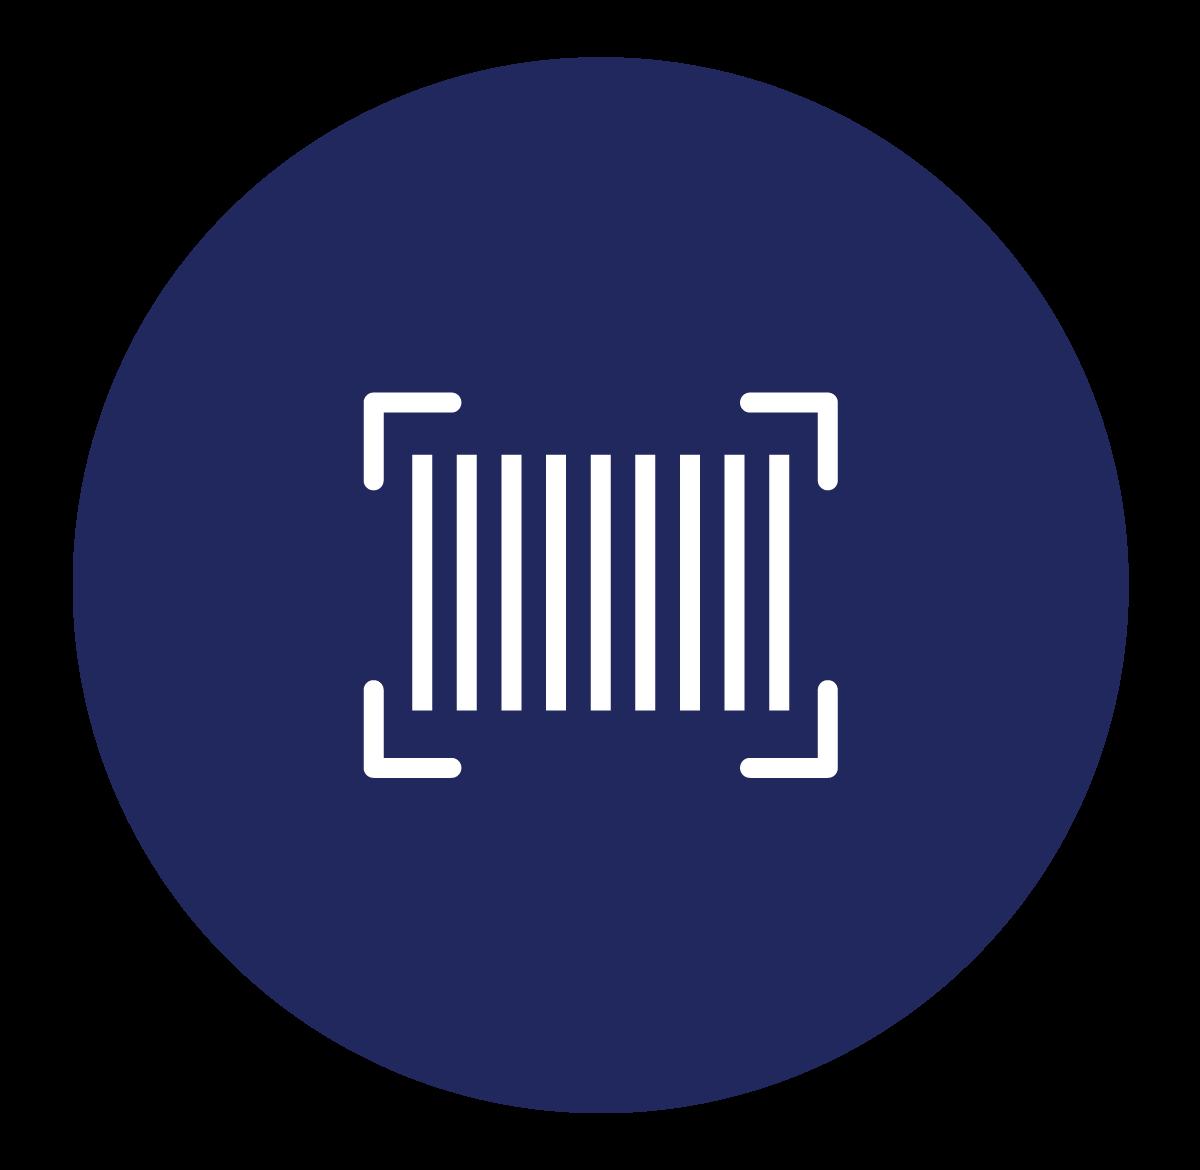 funcionalidade-acompanhamento-da-rasteabilidade-de-produtos-rpl